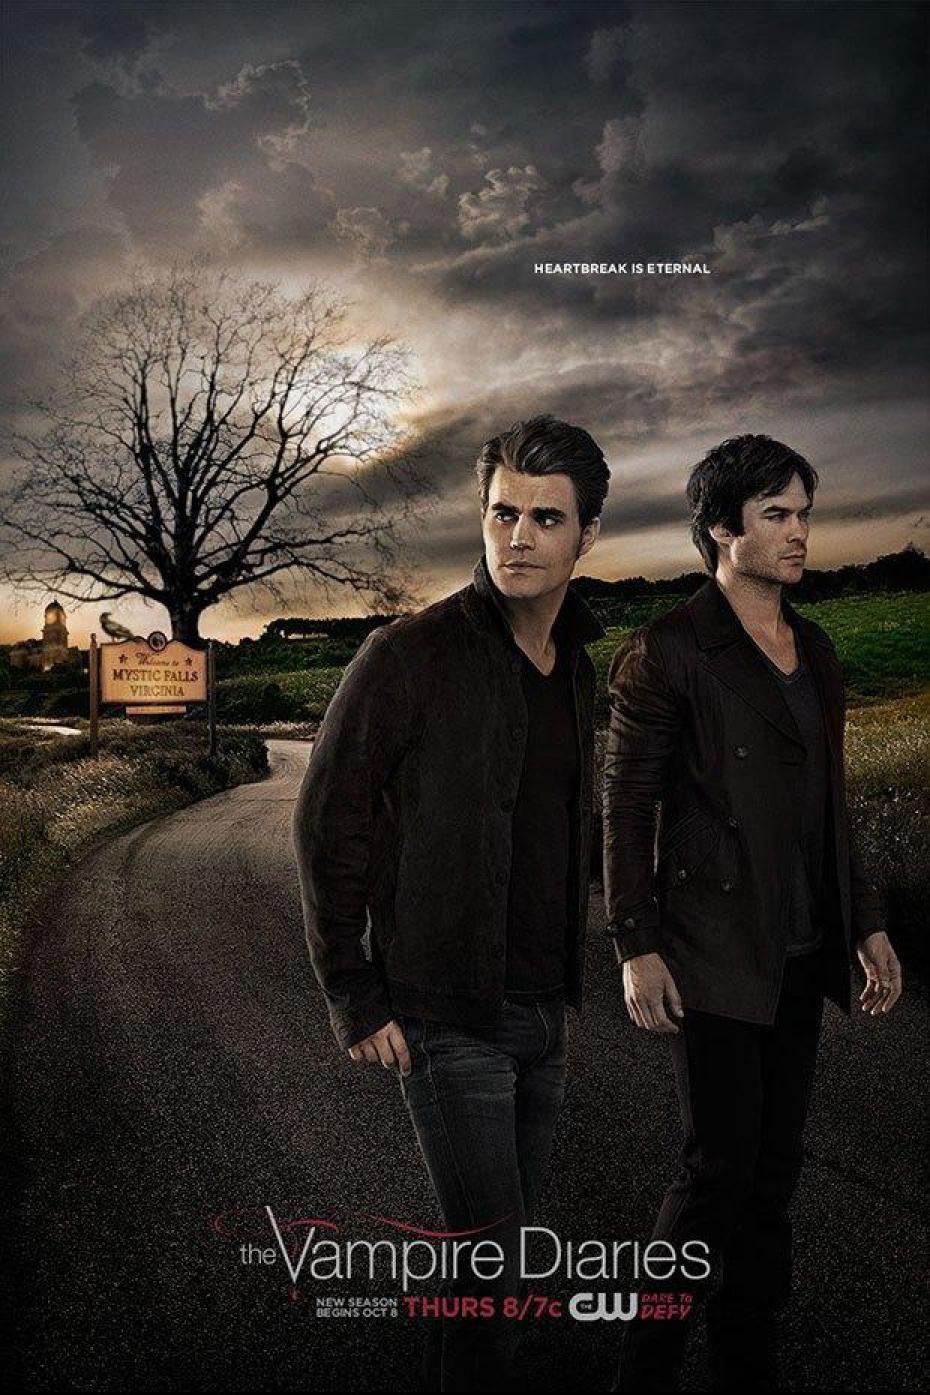 El nuevo cartel de The Vampire Diaries temporada 7